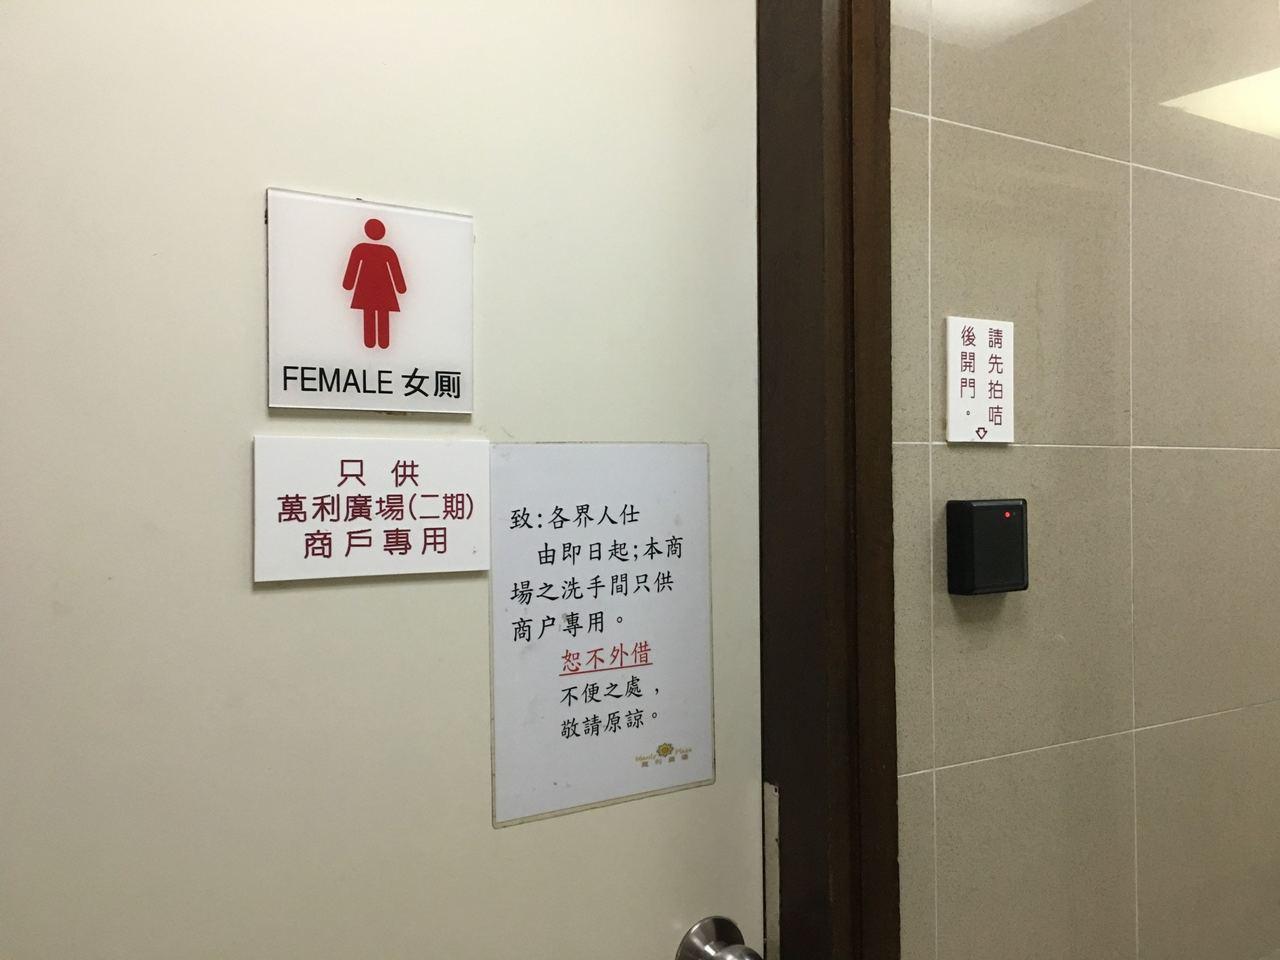 涉事女廁貼出告示,表示只供商戶使用,並須拍卡才可內進。 香港01記者賴雯心/報導